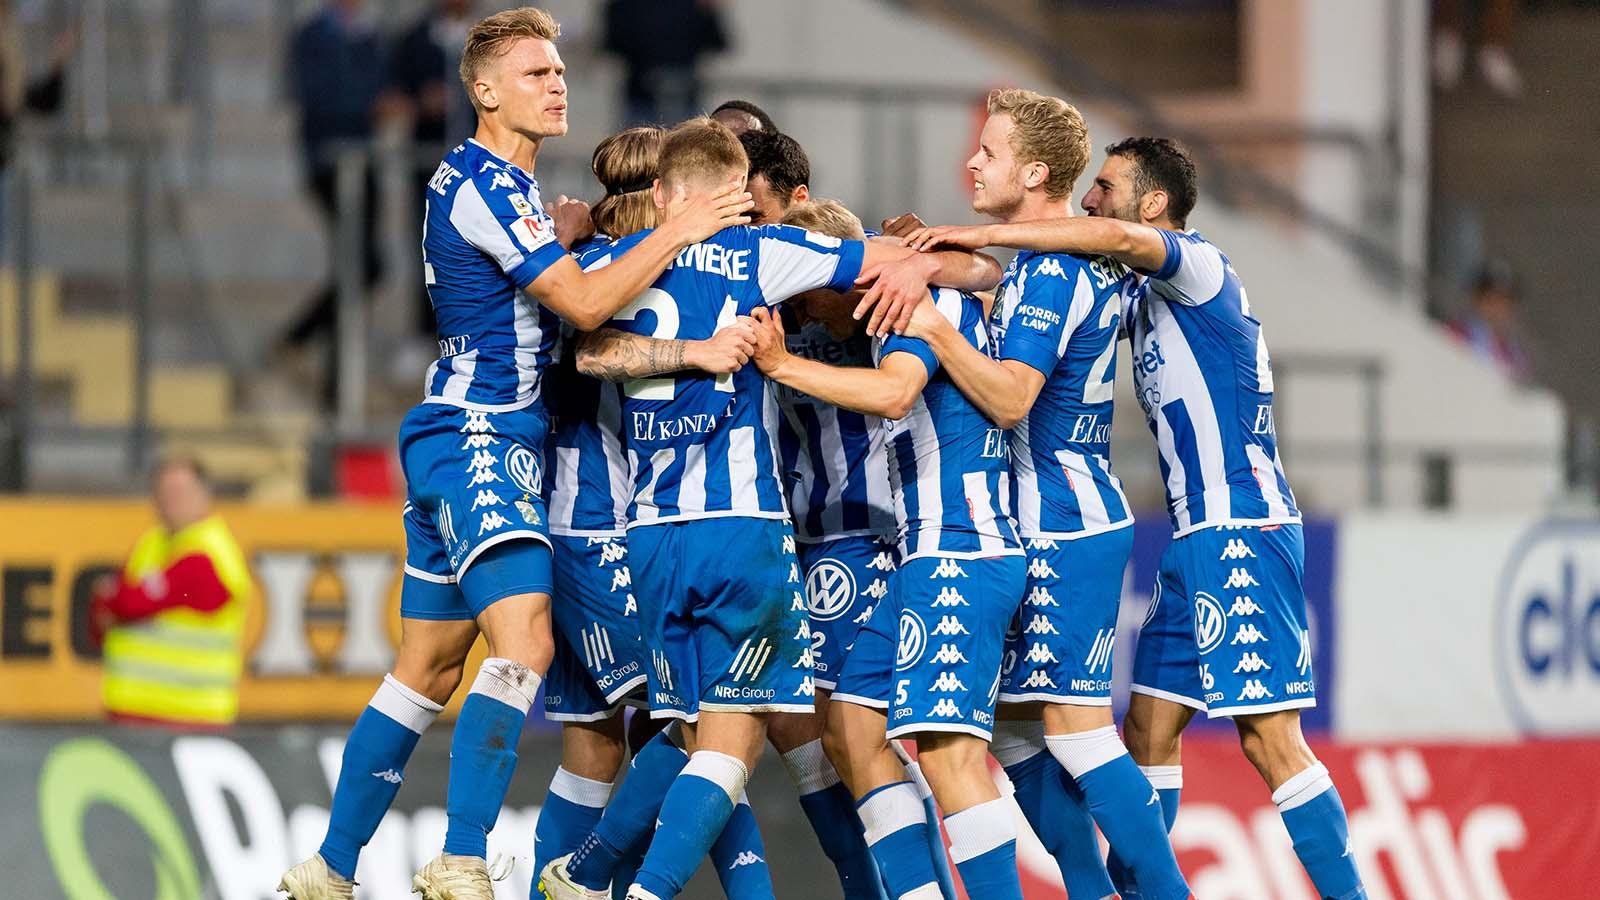 180714 IFK Göteborgs spelare jublar efter att Elias Mar Omarsson (ej i bild) gjort 2-0 under fotbollsmatchen i Allsvenskan mellan IFK Göteborg och Örebro den 14 juli 2018 i Göteborg. Foto: Krister Andersson / BILDBYRÅN / Kod KA / Cop 147